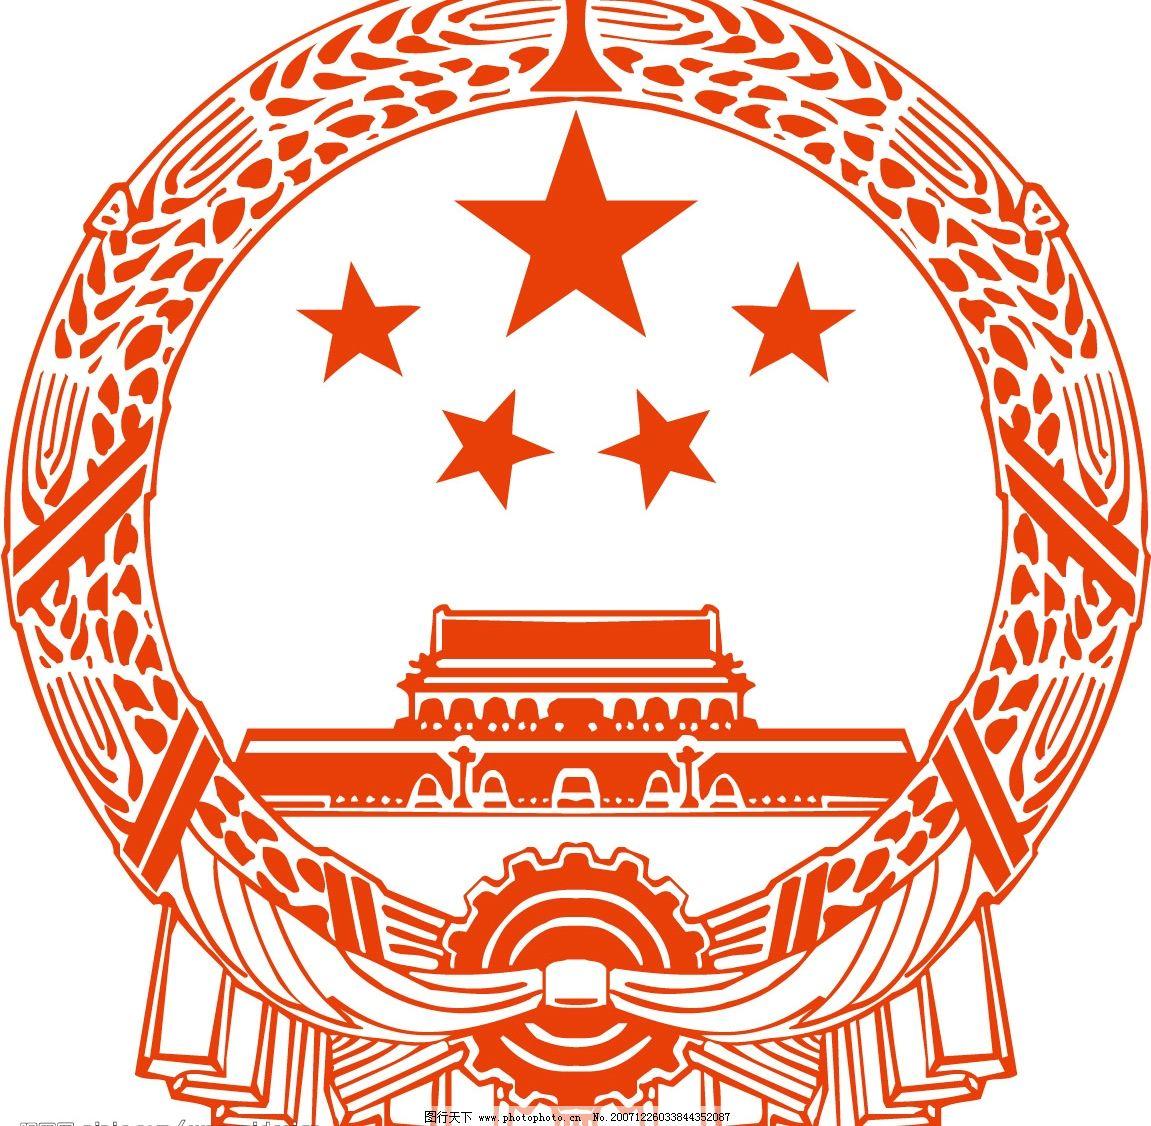 中华人民共和国国徽 国徽 其他矢量 矢量素材 2008年日历 矢量图库